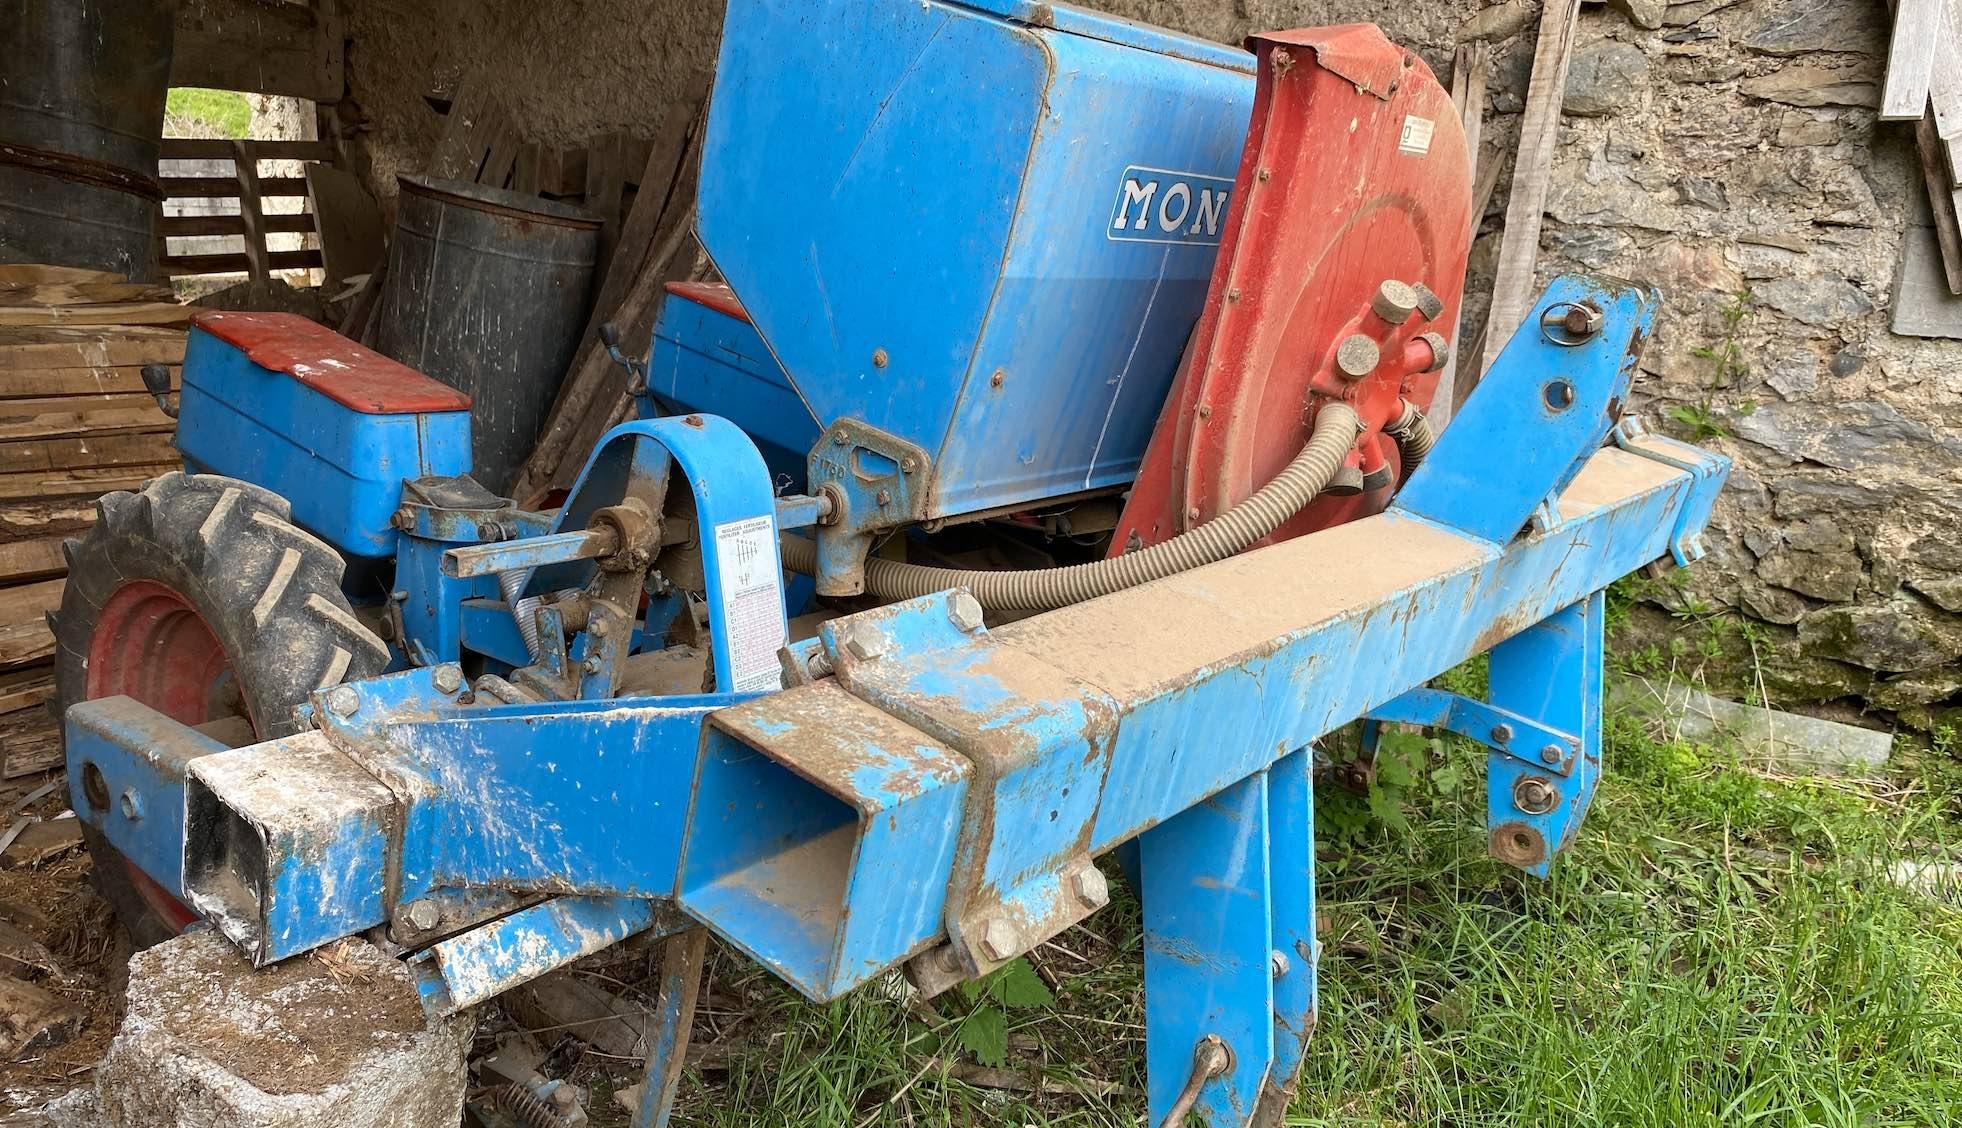 Le semoir deux rang, ressorti pour semer le lablab en décomposé et en décalé par rapport au maïs